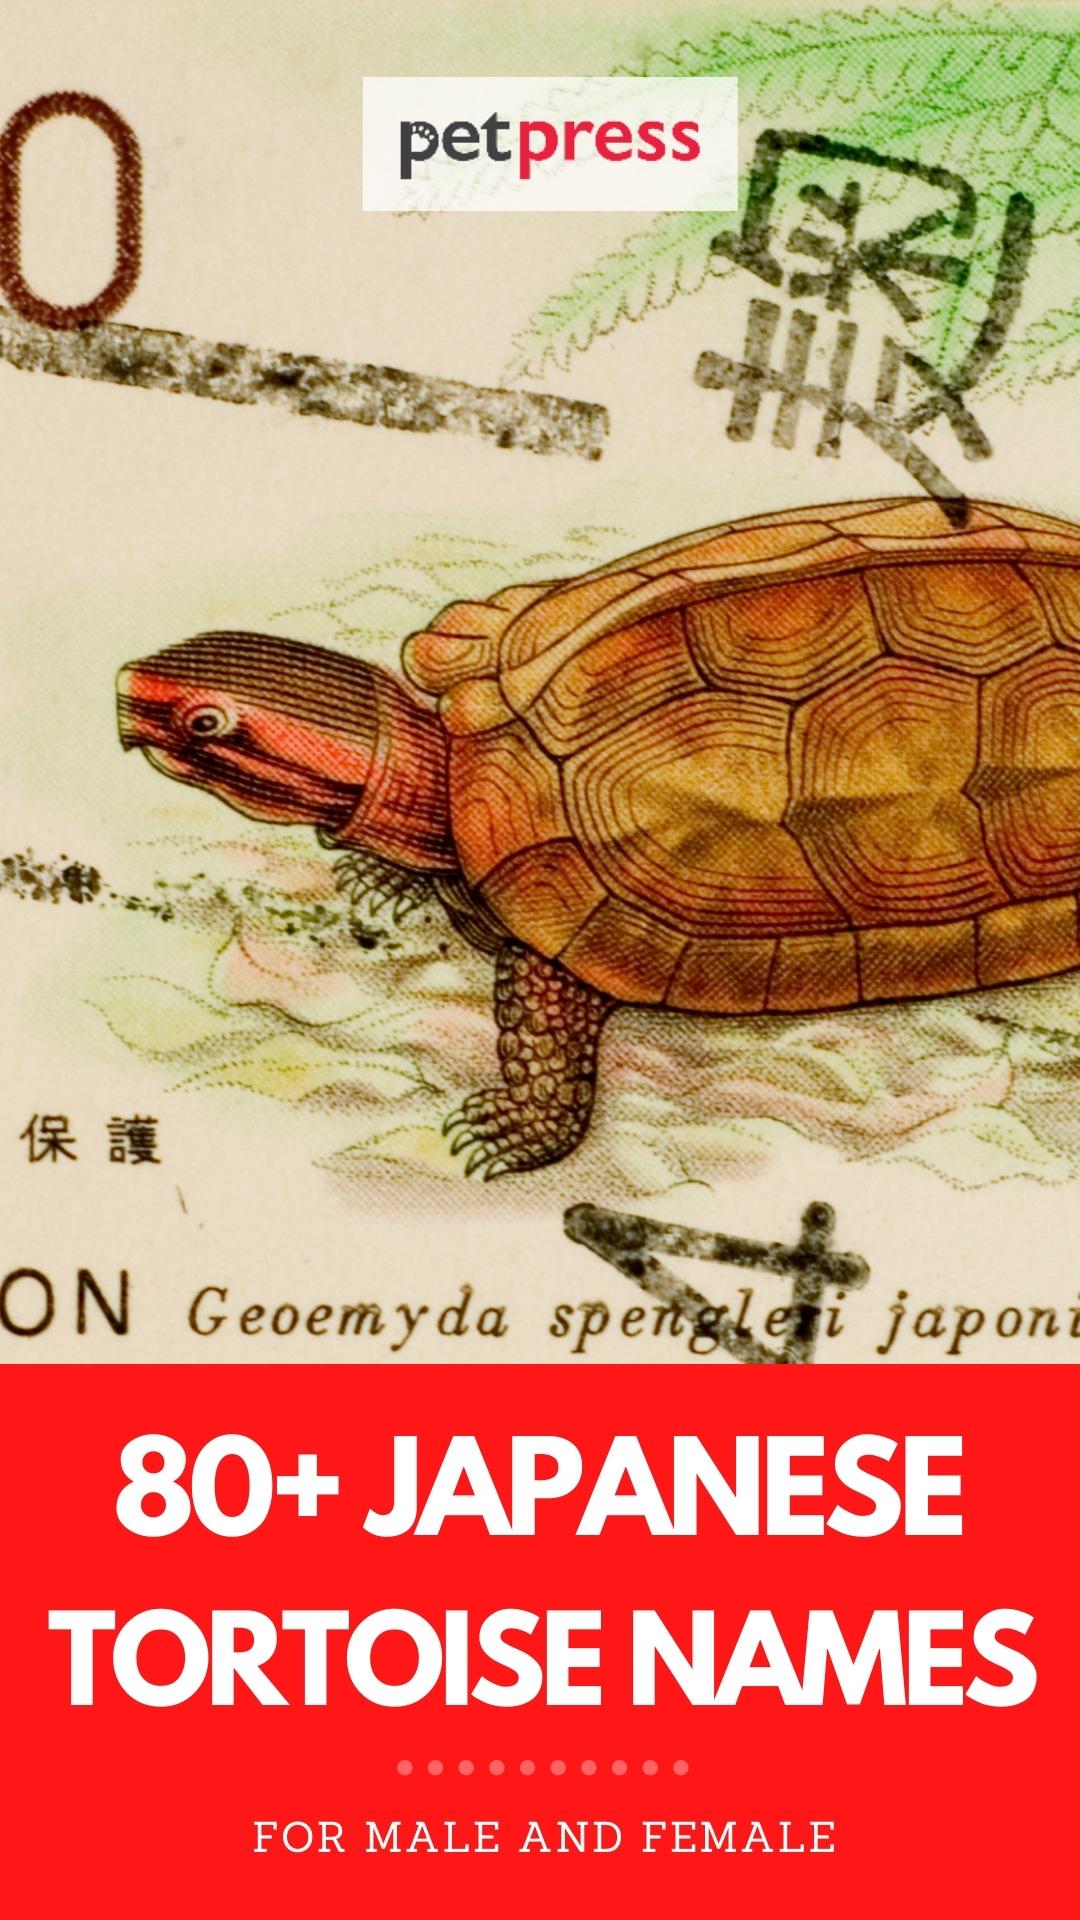 japanese tortoise names